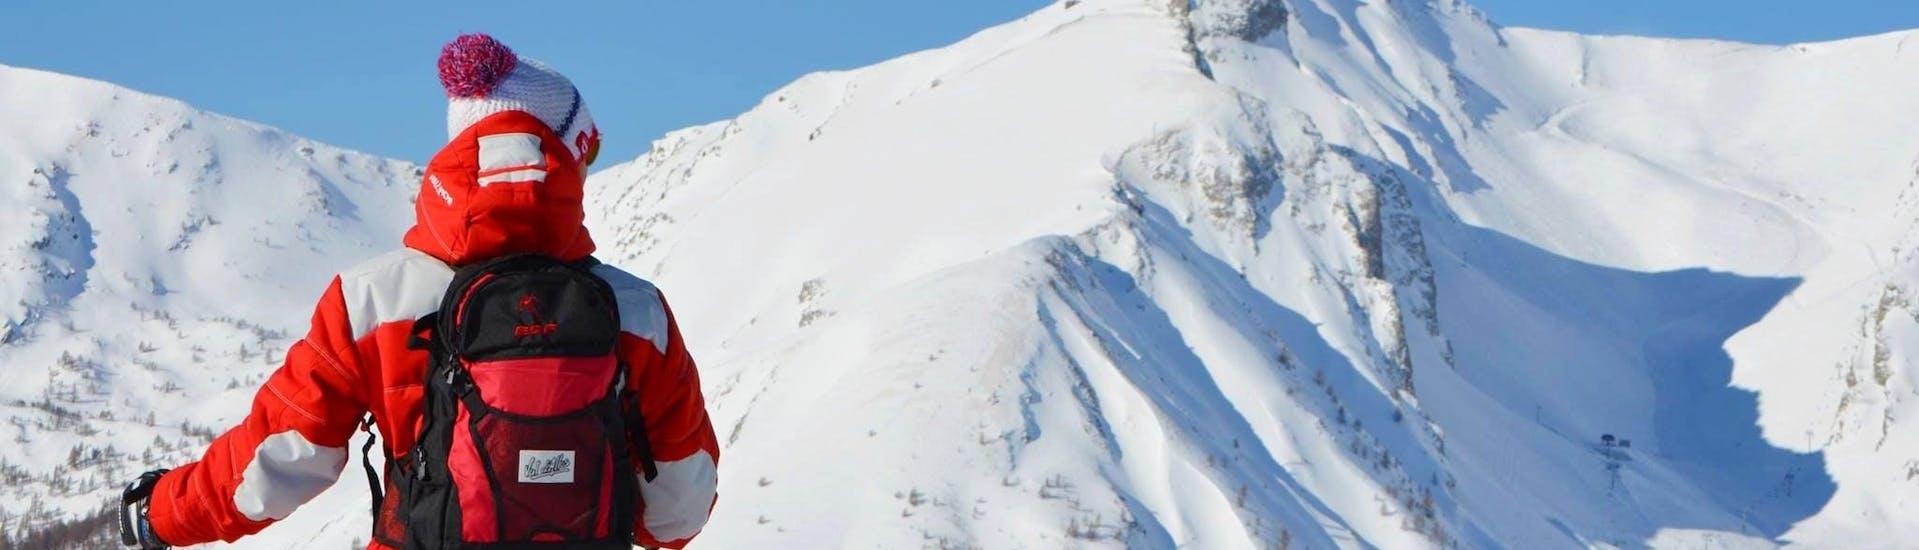 Un skieur contemple le panorama sur le domaine de Val d'Allos - La Foux pendant son Cours particulier de ski Enfants pour Tous niveaux avec l'école de ski ESF La Foux d'Allos.